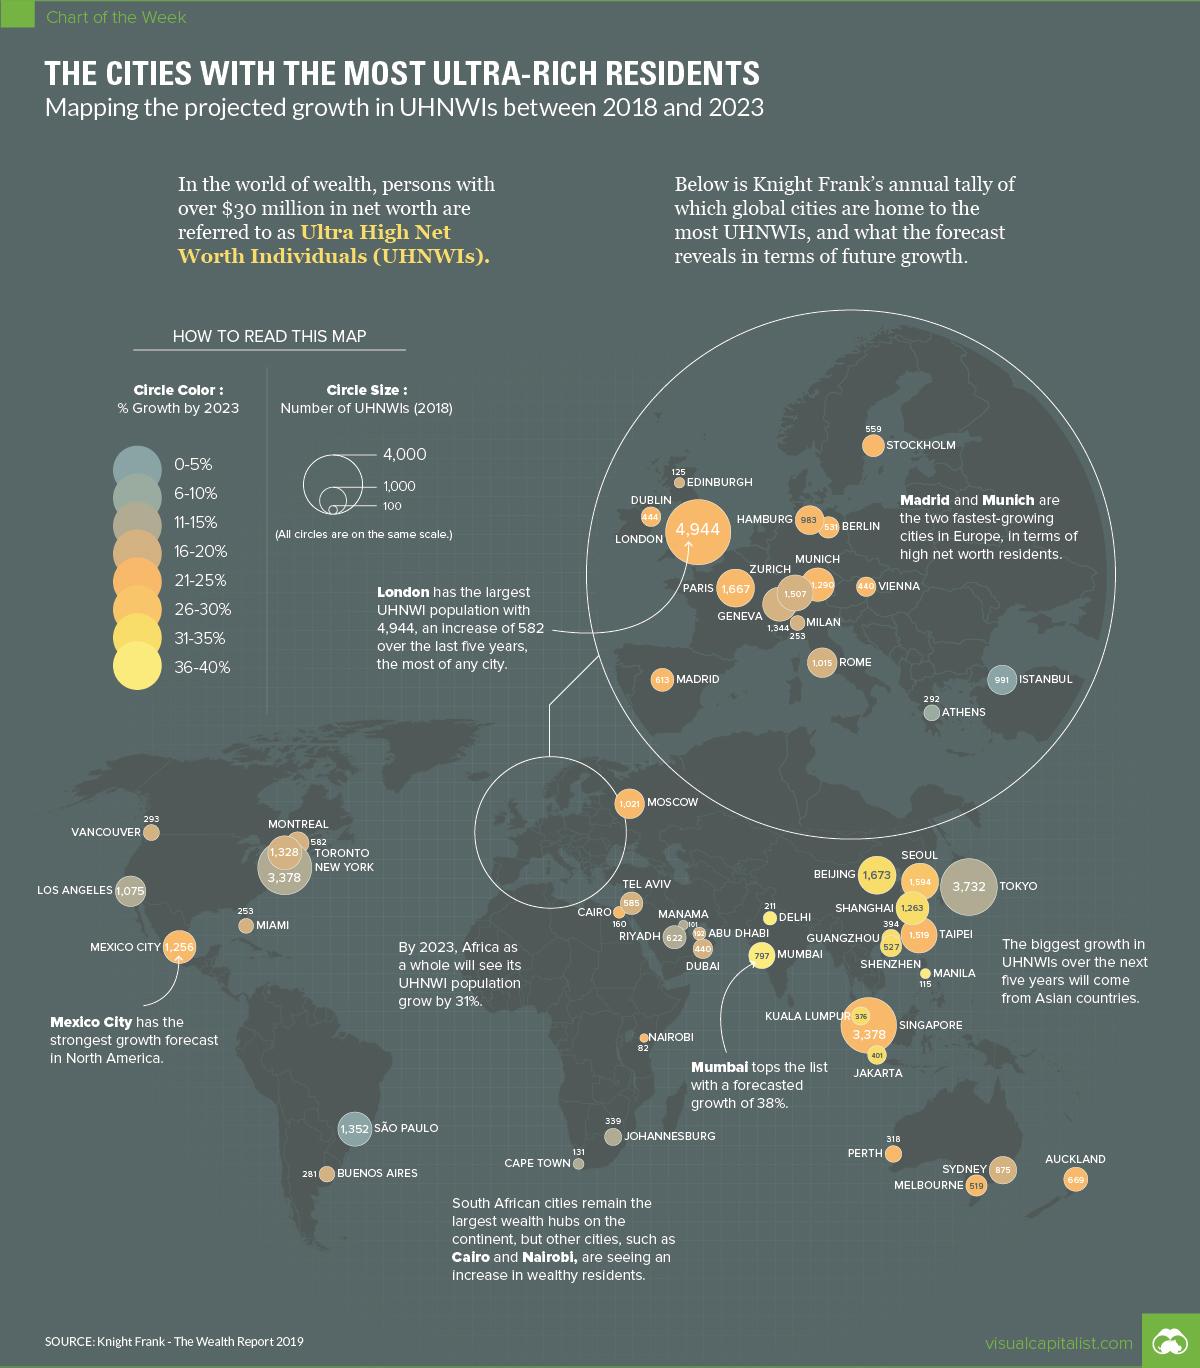 Las ciudades del mundo con más cantidad de multimillonarios